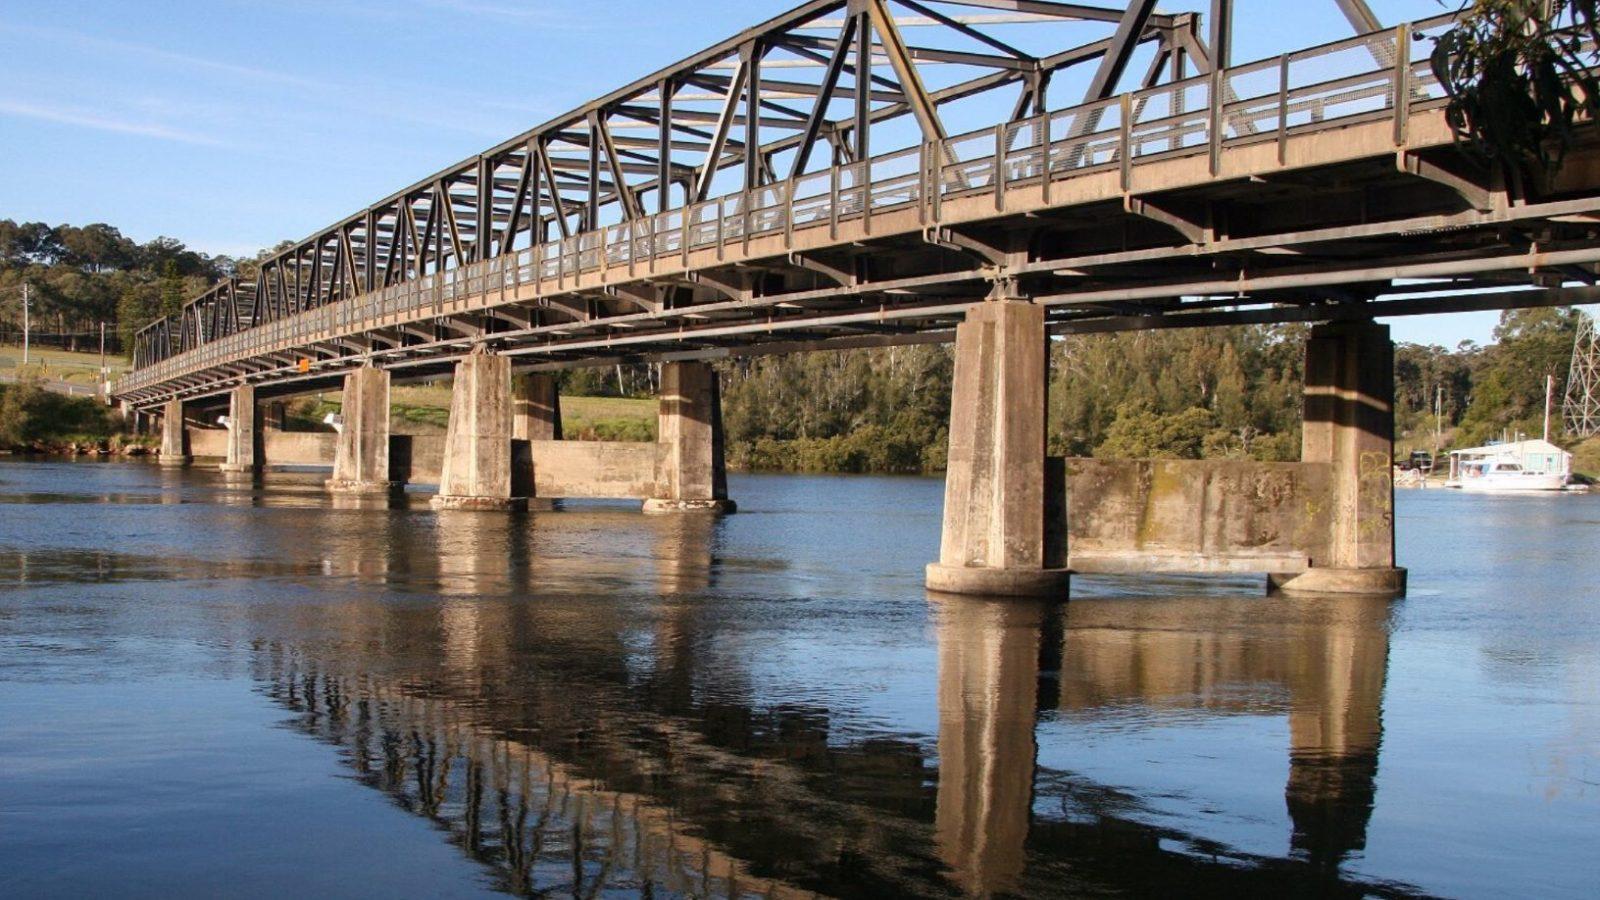 Karuah River bridge